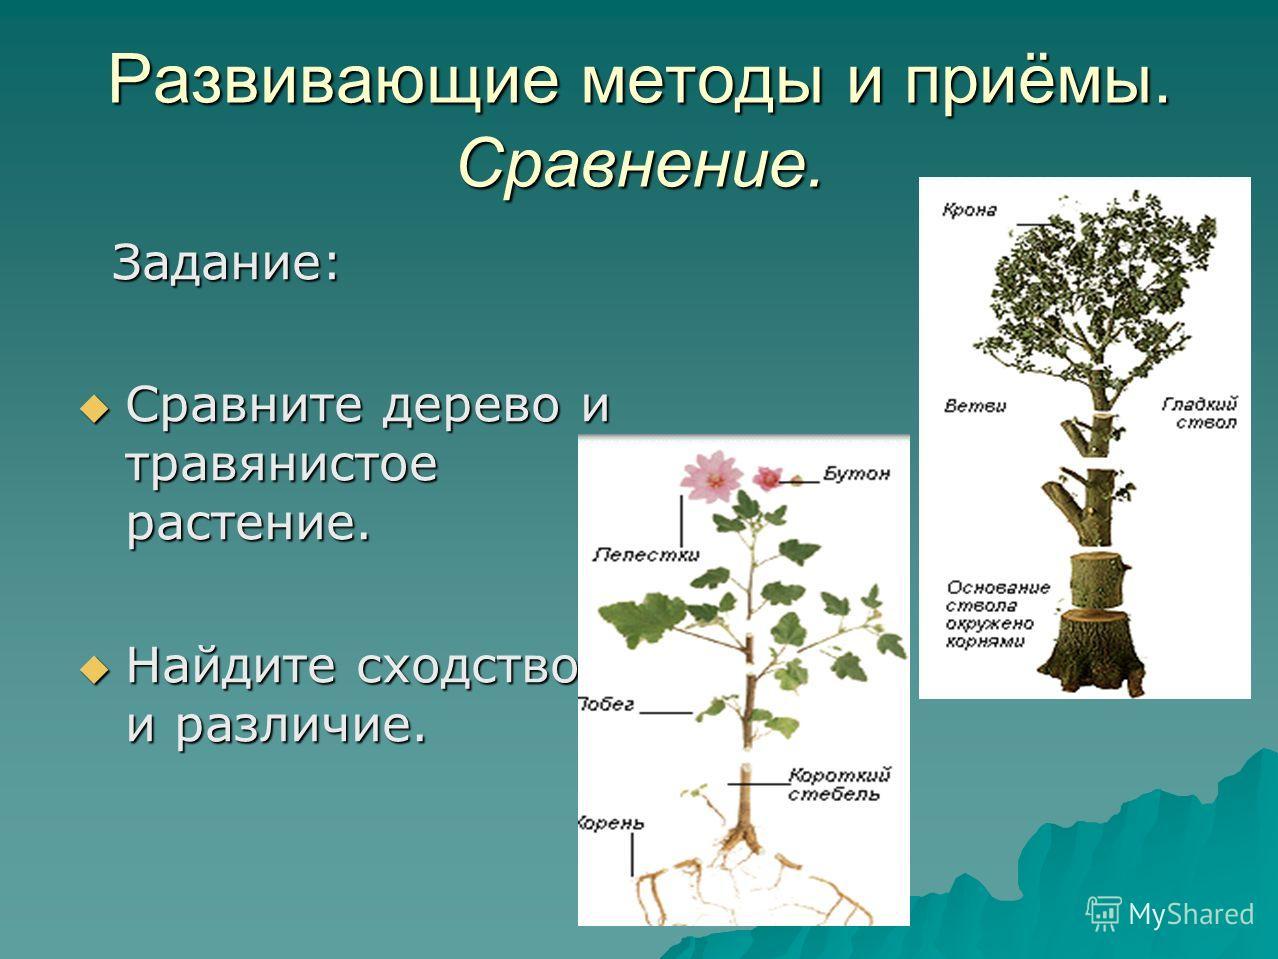 Развивающие методы и приёмы. Сравнение. Задание: Задание: Сравните дерево и травянистое растение. Сравните дерево и травянистое растение. Найдите сходство и различие. Найдите сходство и различие.